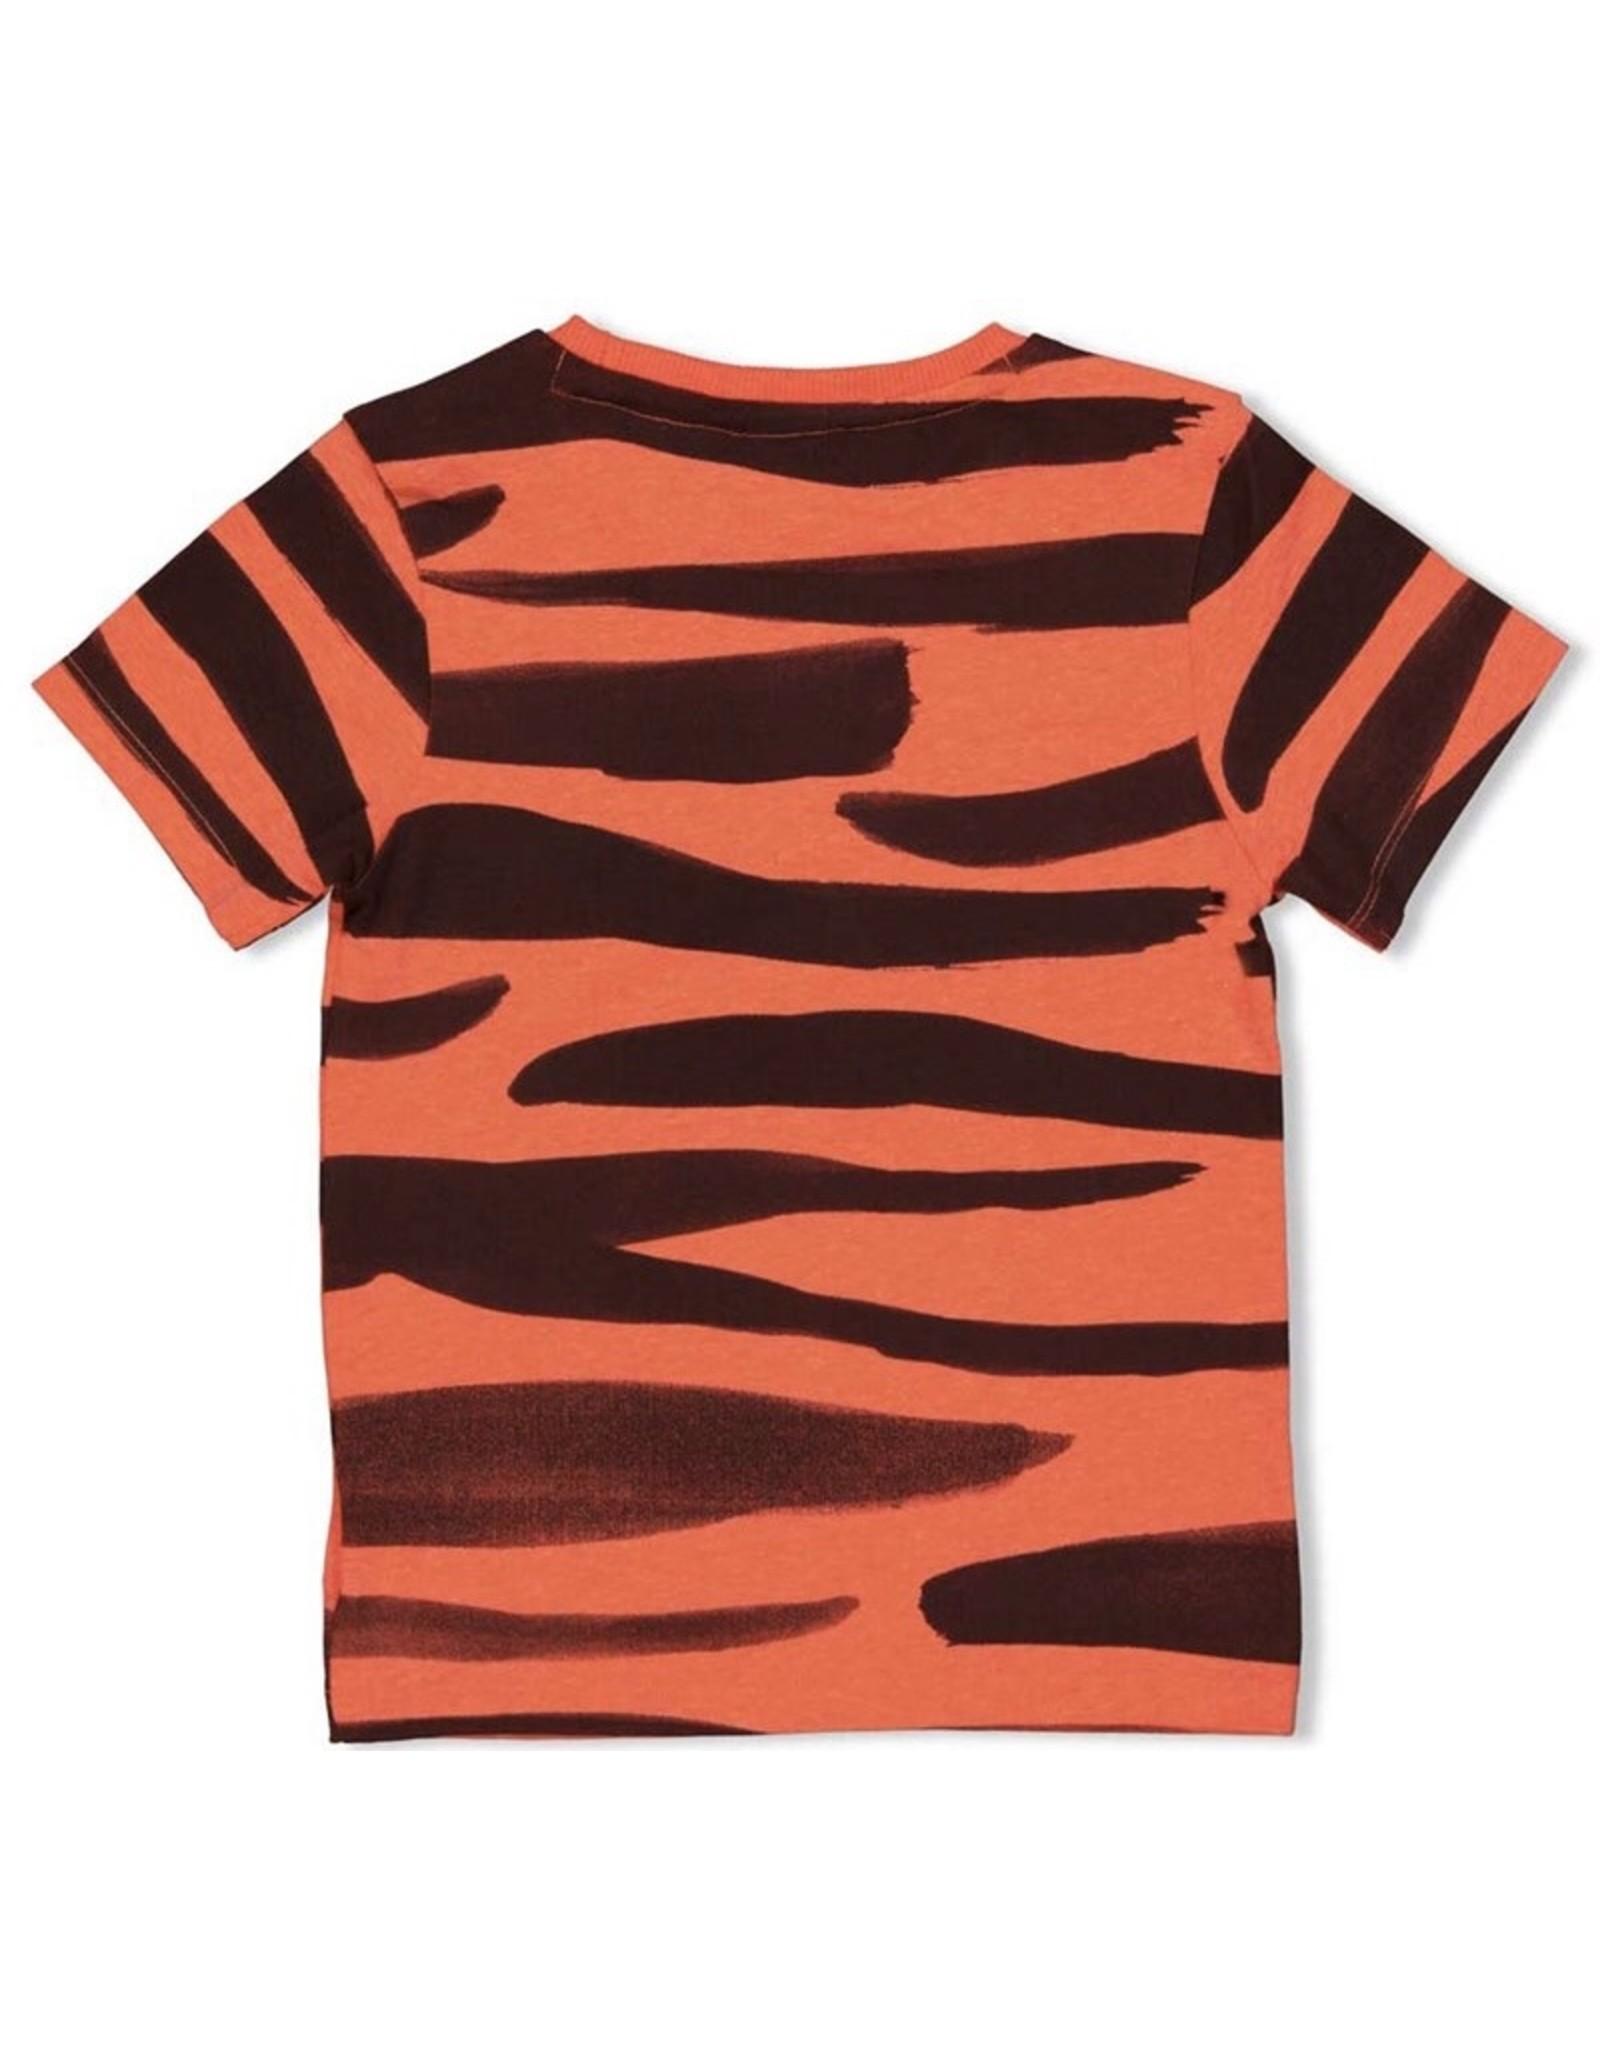 Sturdy 71700320 T-Shirt